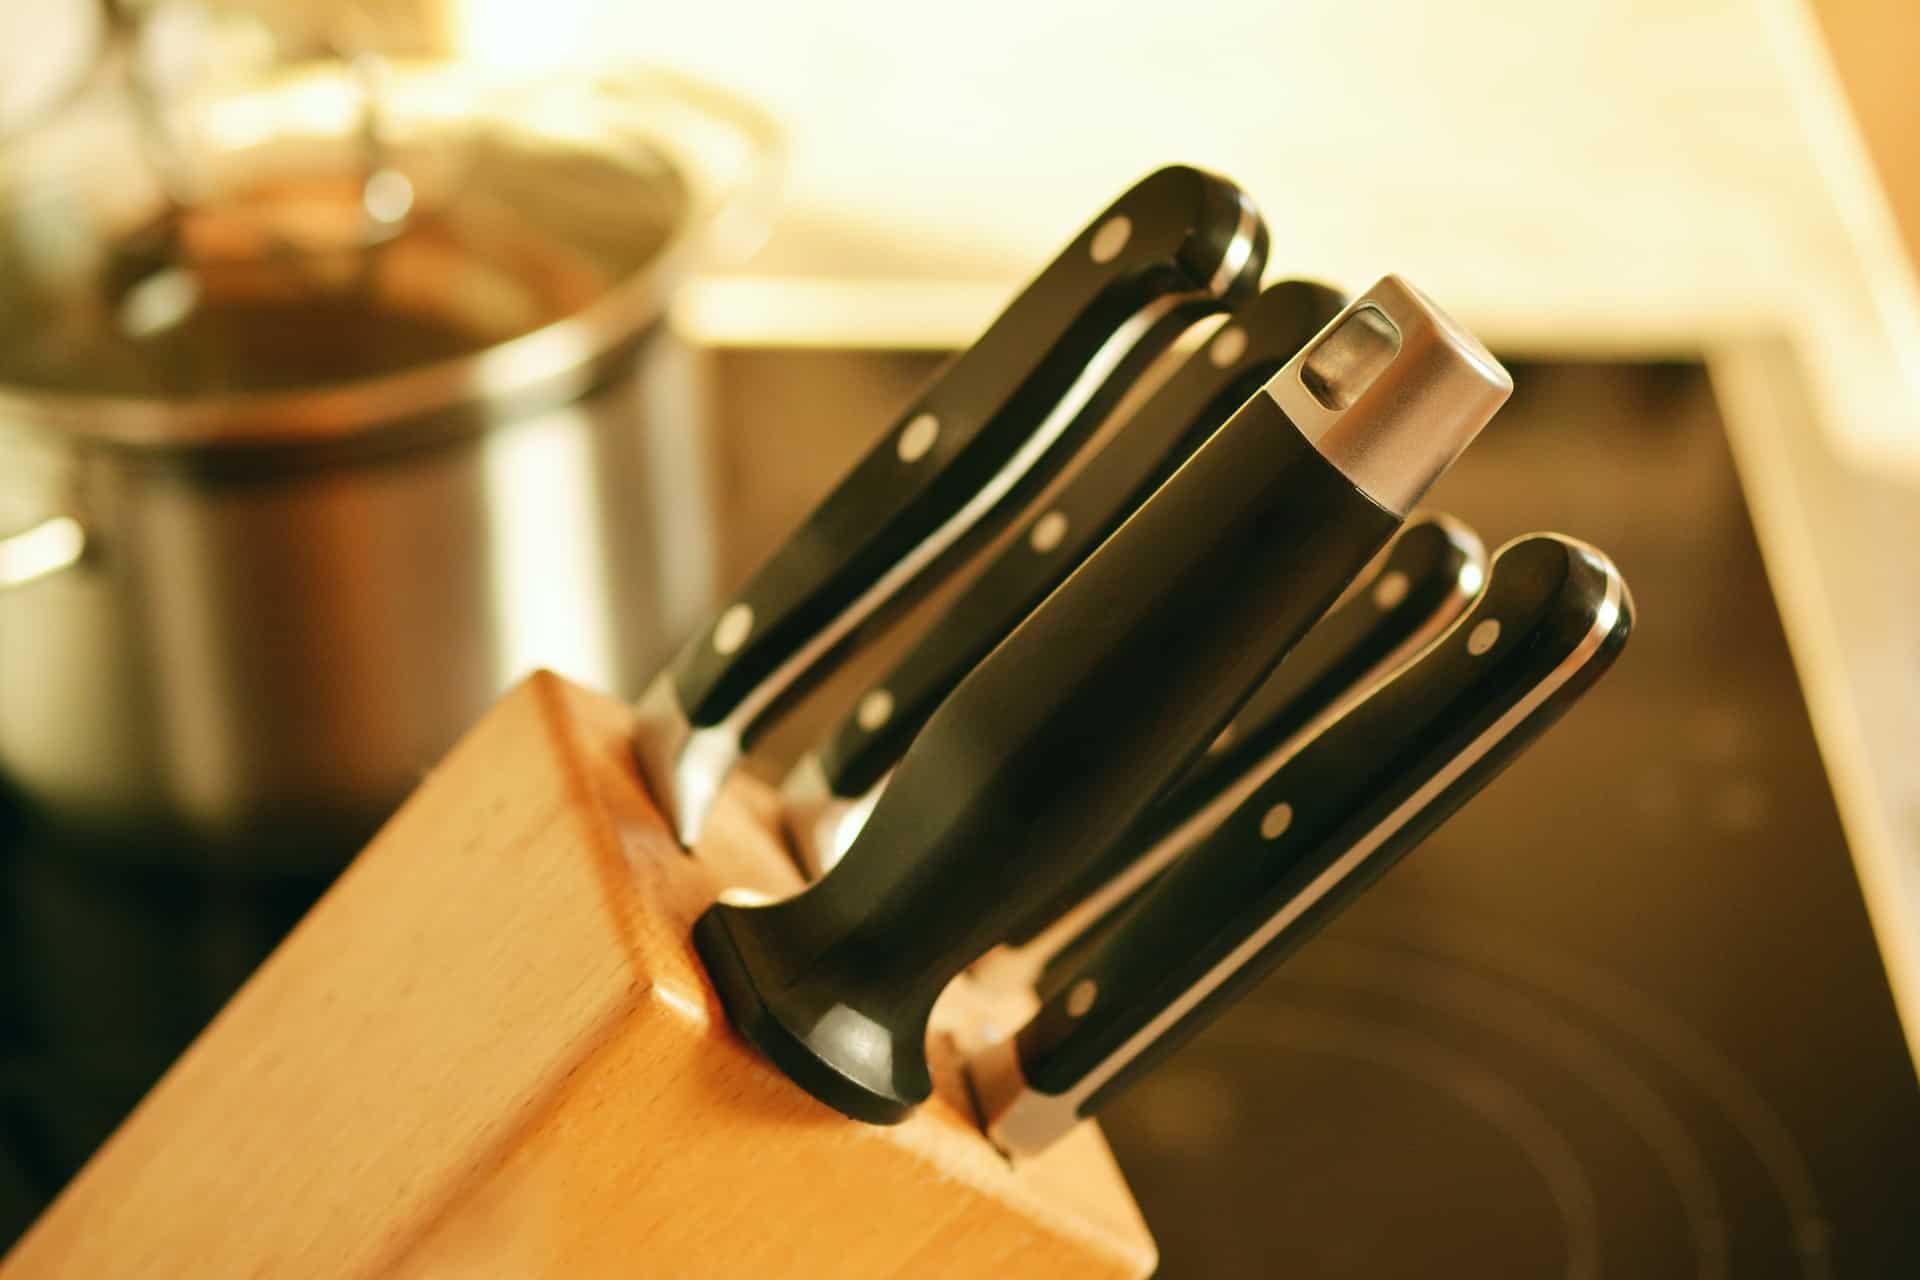 Messerblock ohne Messer: Test & Empfehlungen (05/21)